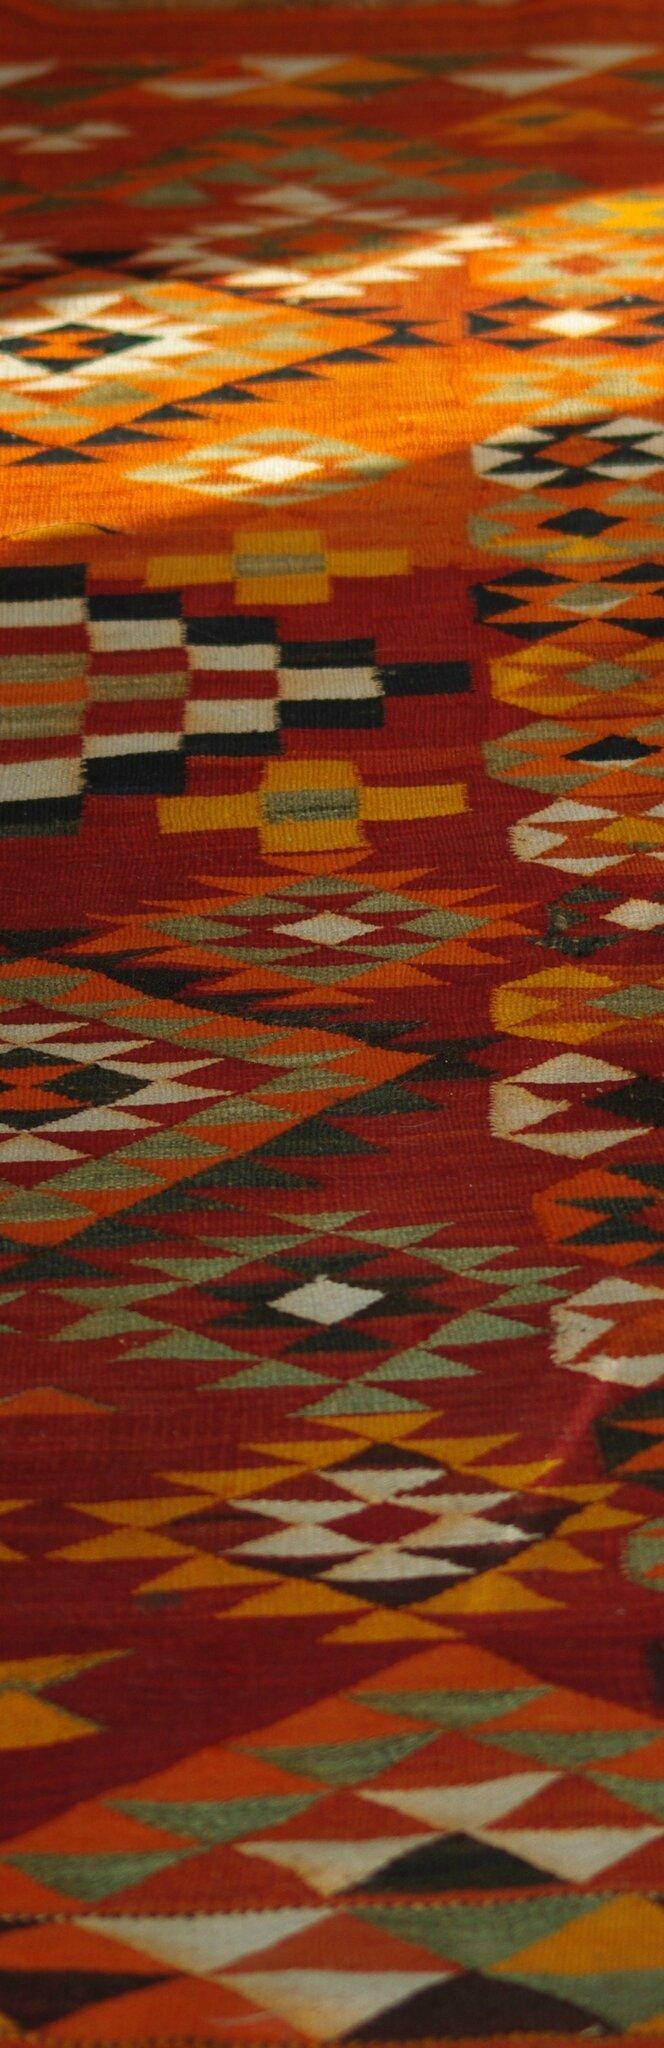 Tricot Graphique /Crochet Ethnique